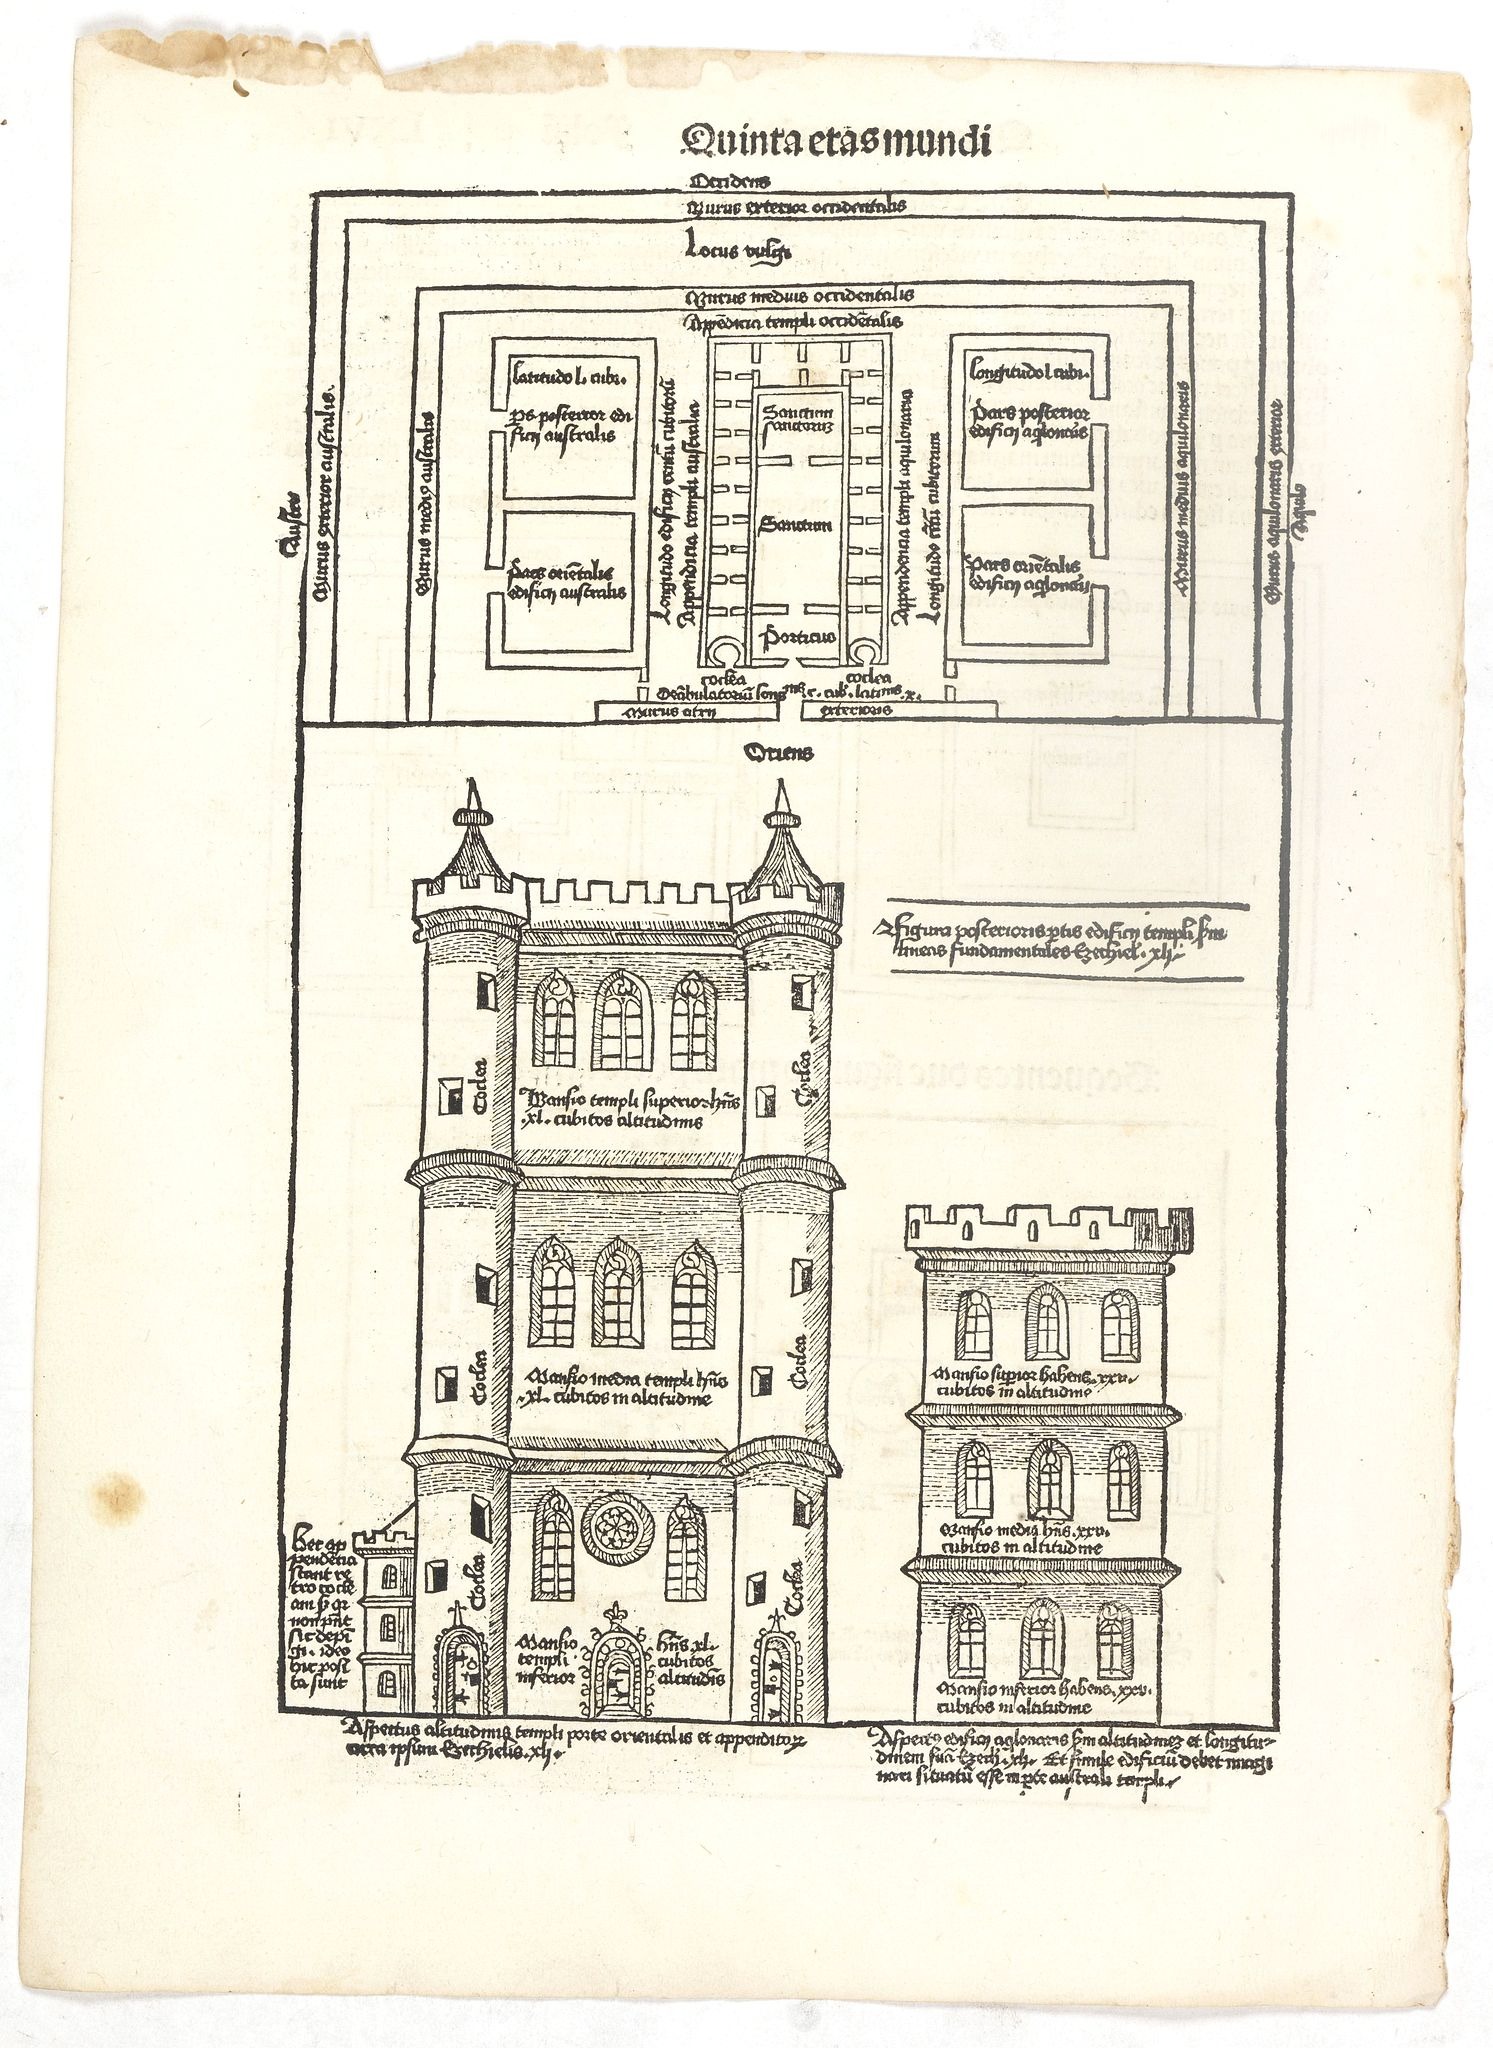 SCHEDEL, H. -  Quinta Etas Mundi. Folium. LXVI. (Visionary Temple of Ezekiel.)